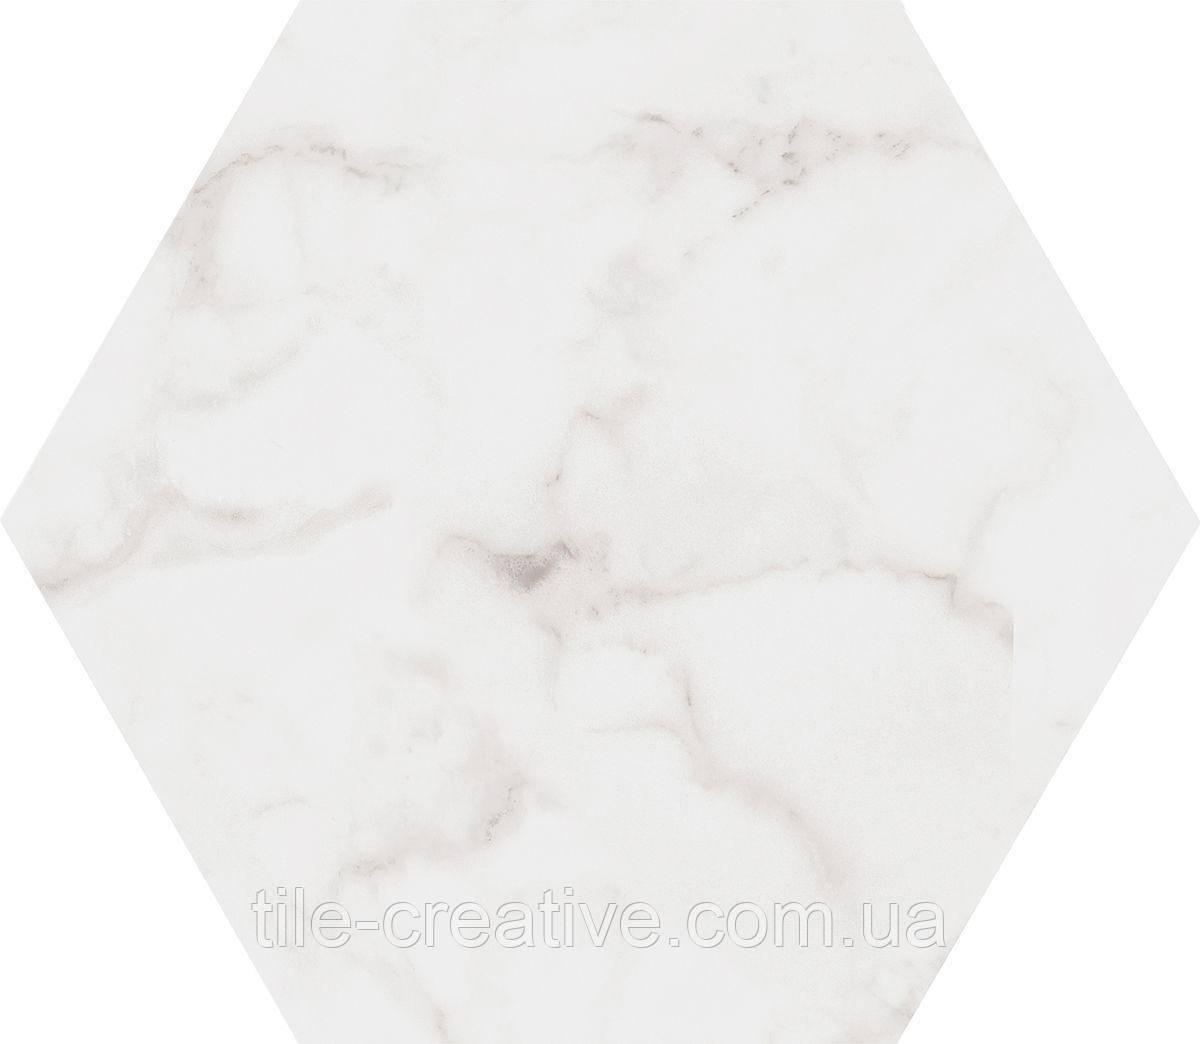 Керамическая плитка Эль Салер белый20x23,1x6,9 24020